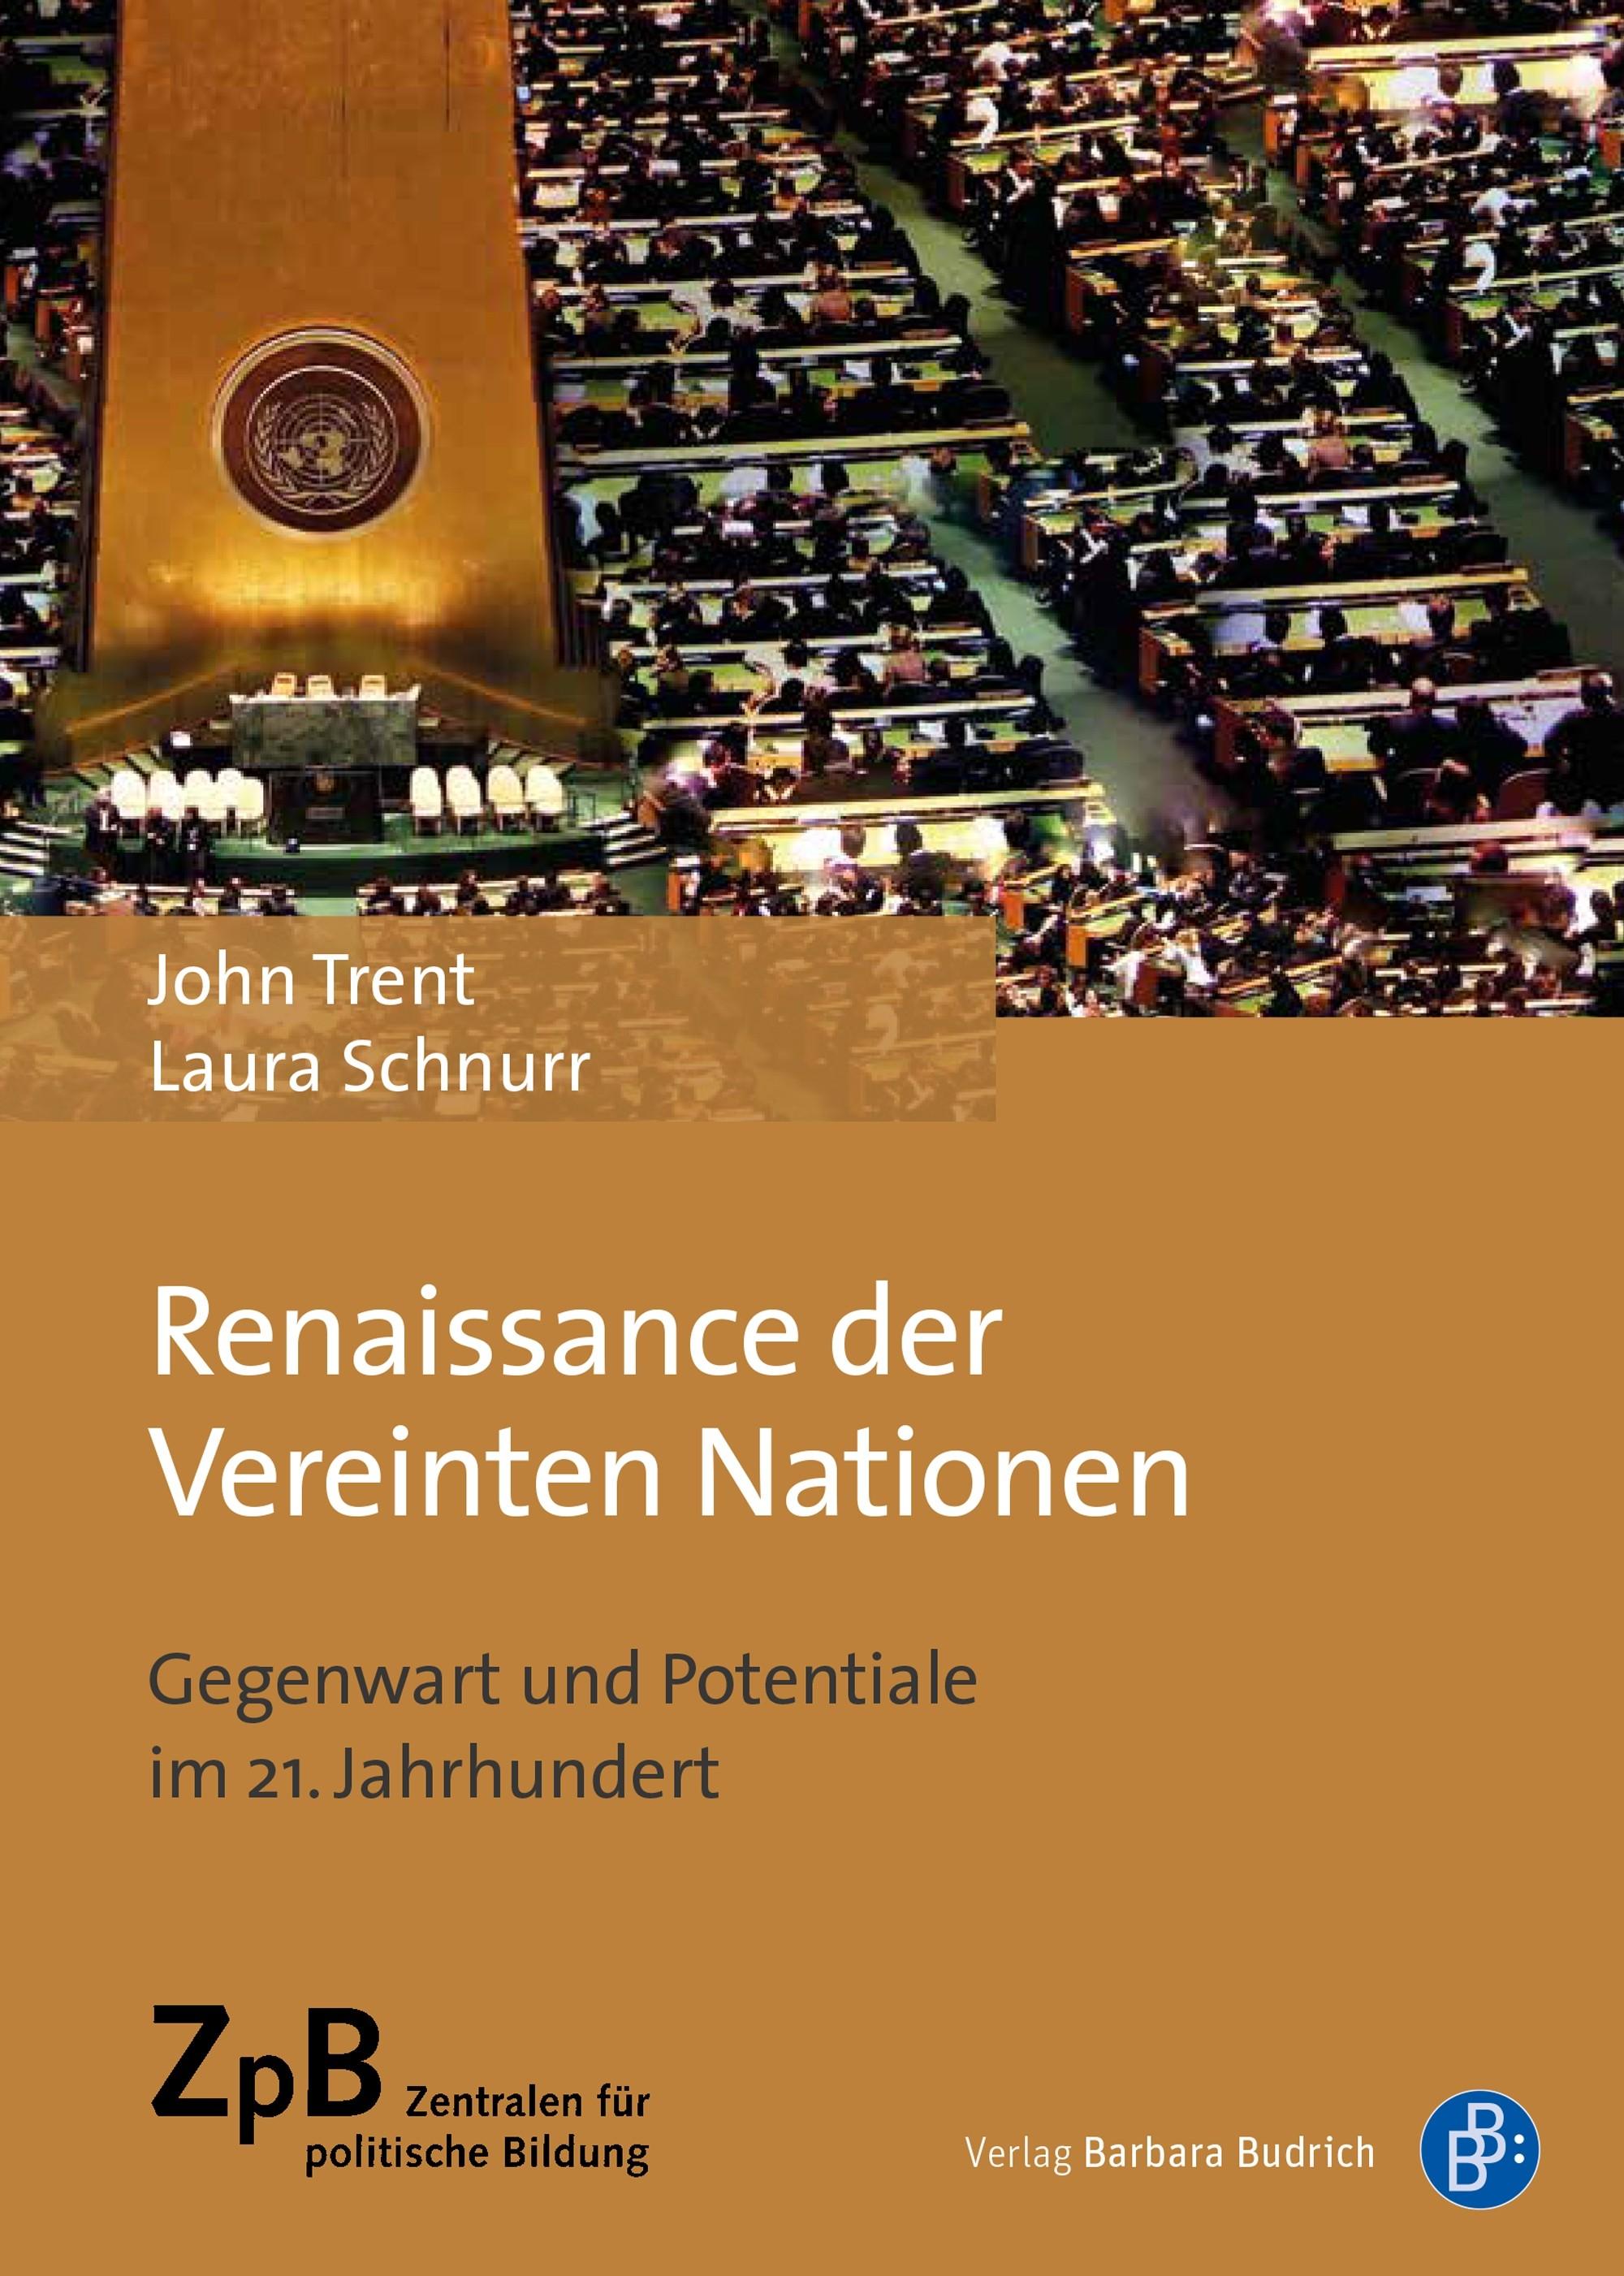 Titelseite groß 901* Renaissance der Vereinten Nationen. Gegenwart und Potentiale im 21. Jahrhundert